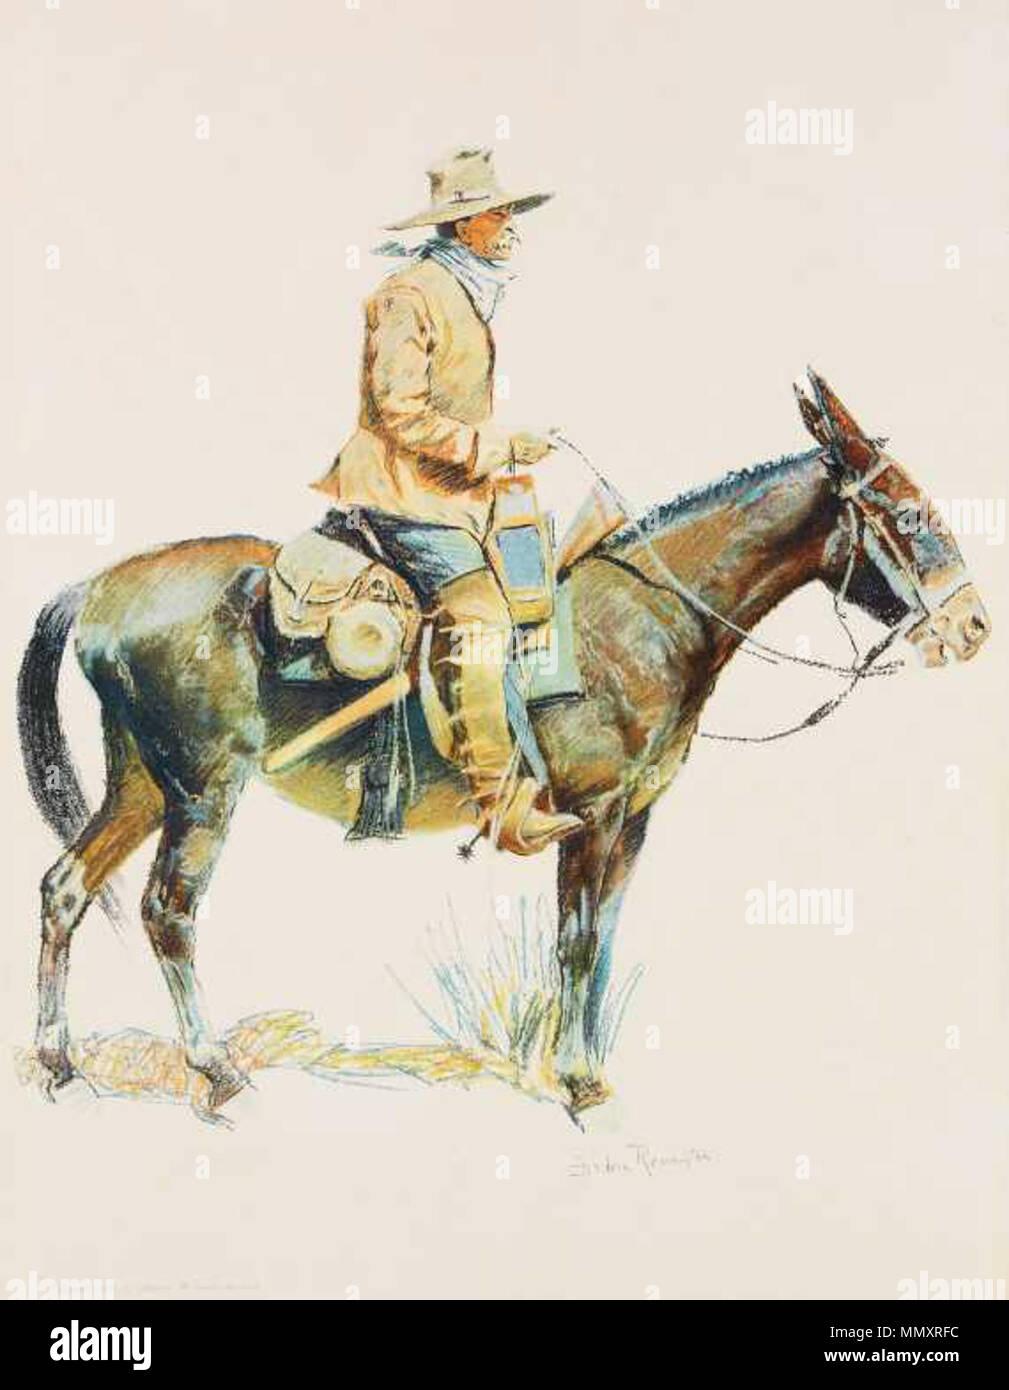 .  Deutsch: The Trapper. Chromolithografie, 50,8 x 38 cm. Gedruckt von Robert Howard Russell.  . by 1909. Frederic Sackrider Remington The Trapper chromolithograph - Stock Image